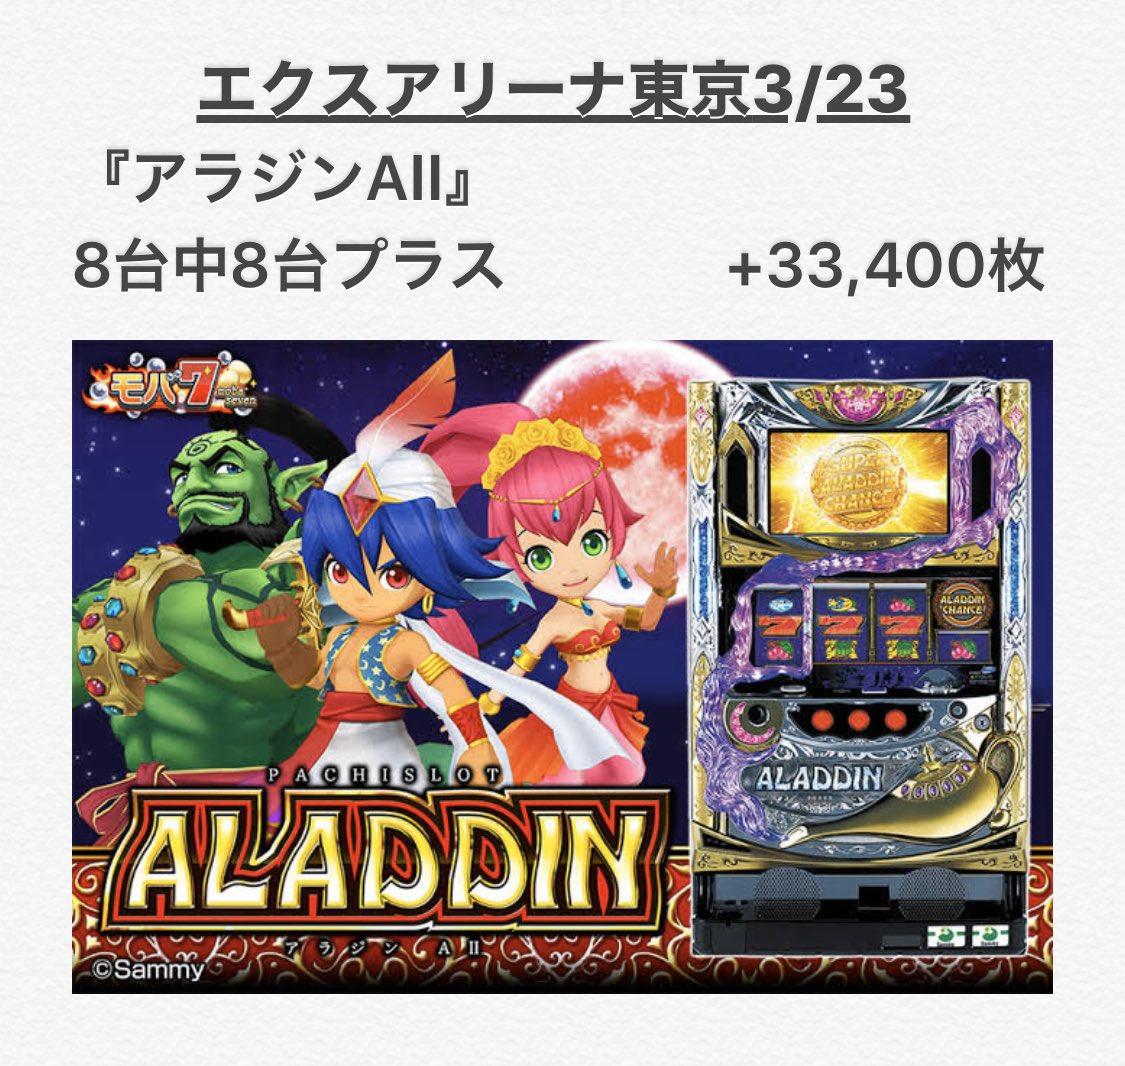 test ツイッターメディア - れおのホールDataまとめ。3/23🔥エクスアリーナ東京□いそまるさん来店⭕️□抽選 : 約320名!?➡️総差枚+約30万枚!?とお祭り騒ぎでした🤣『絆2』は全6ですかね!?🤔お見事様でした✨『アラジンAⅡ』や『地獄少女』もそうですが店内細かくみるとあっちこっちから出てました🤣✨..これは凄い💮 https://t.co/pa1uAjS24F